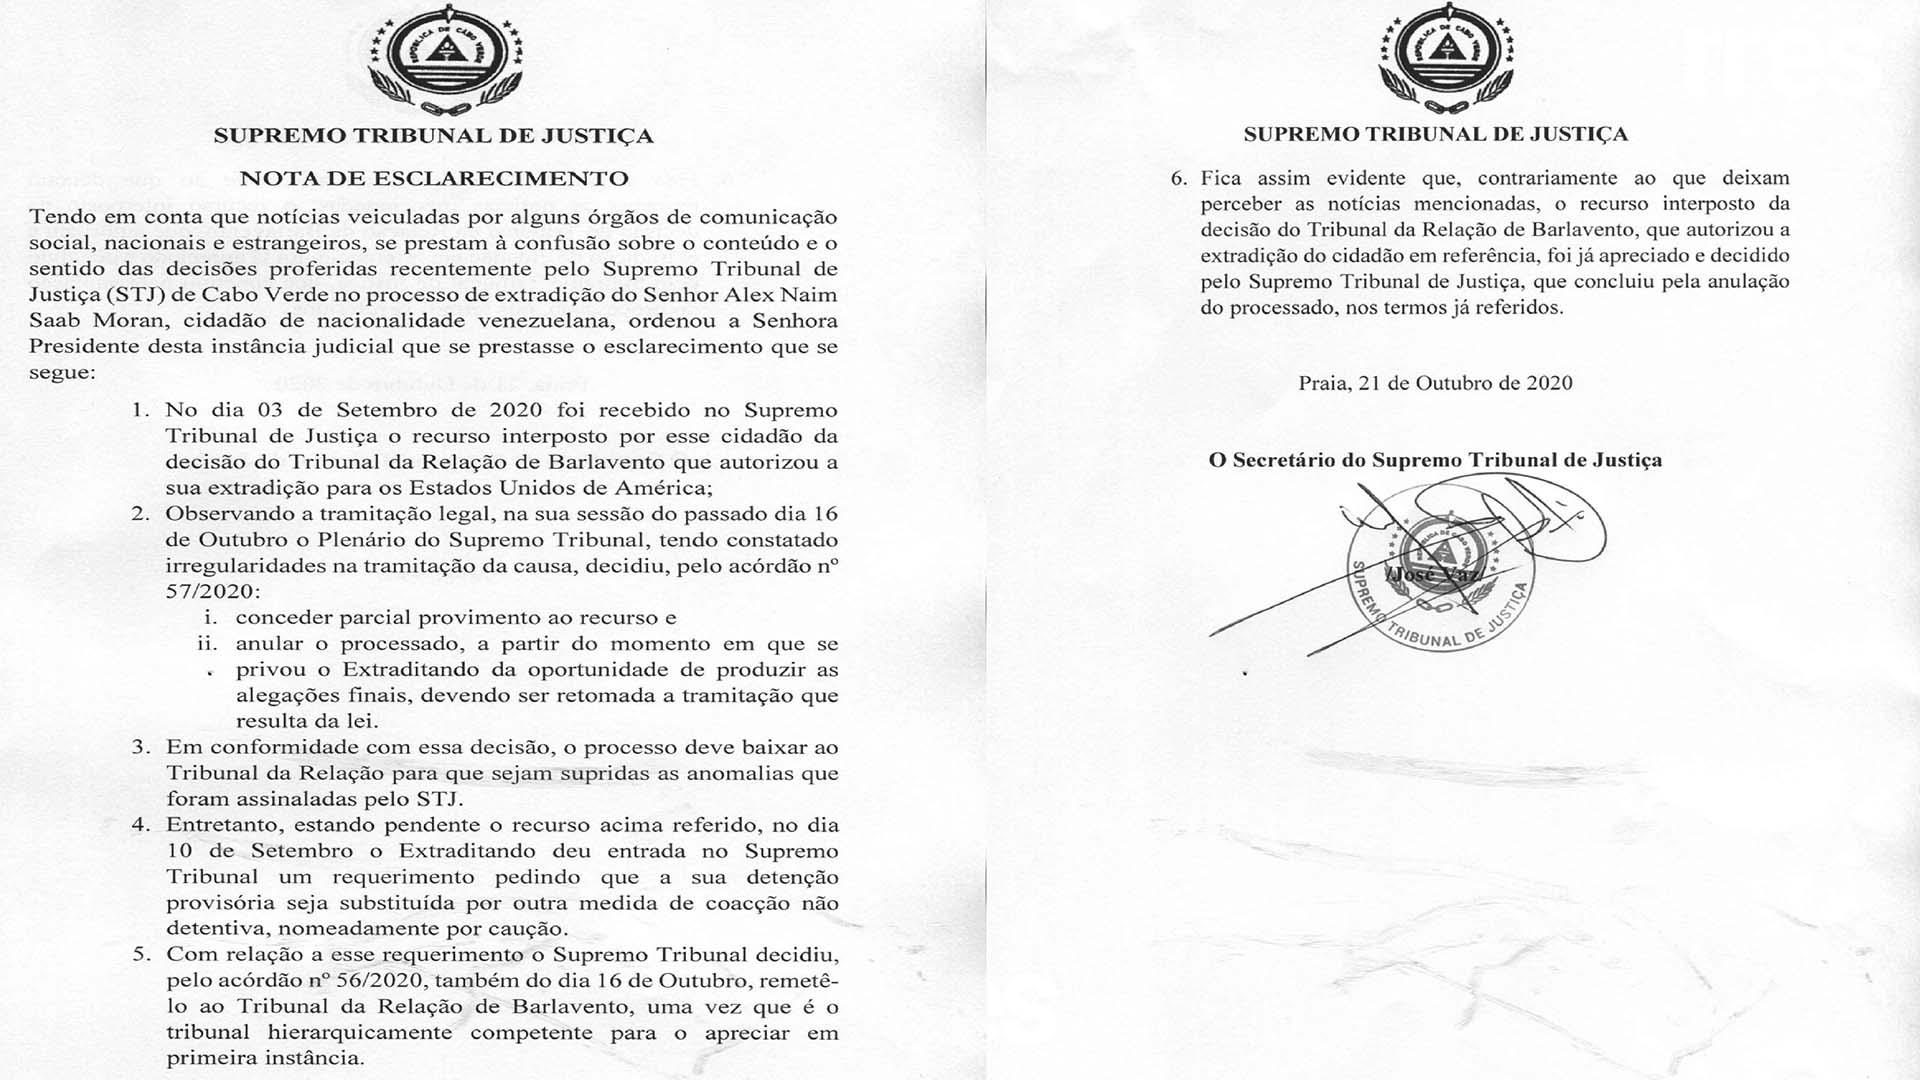 Copia del documento oficial del TSJ de Cabo Verde sobre el caso Saab